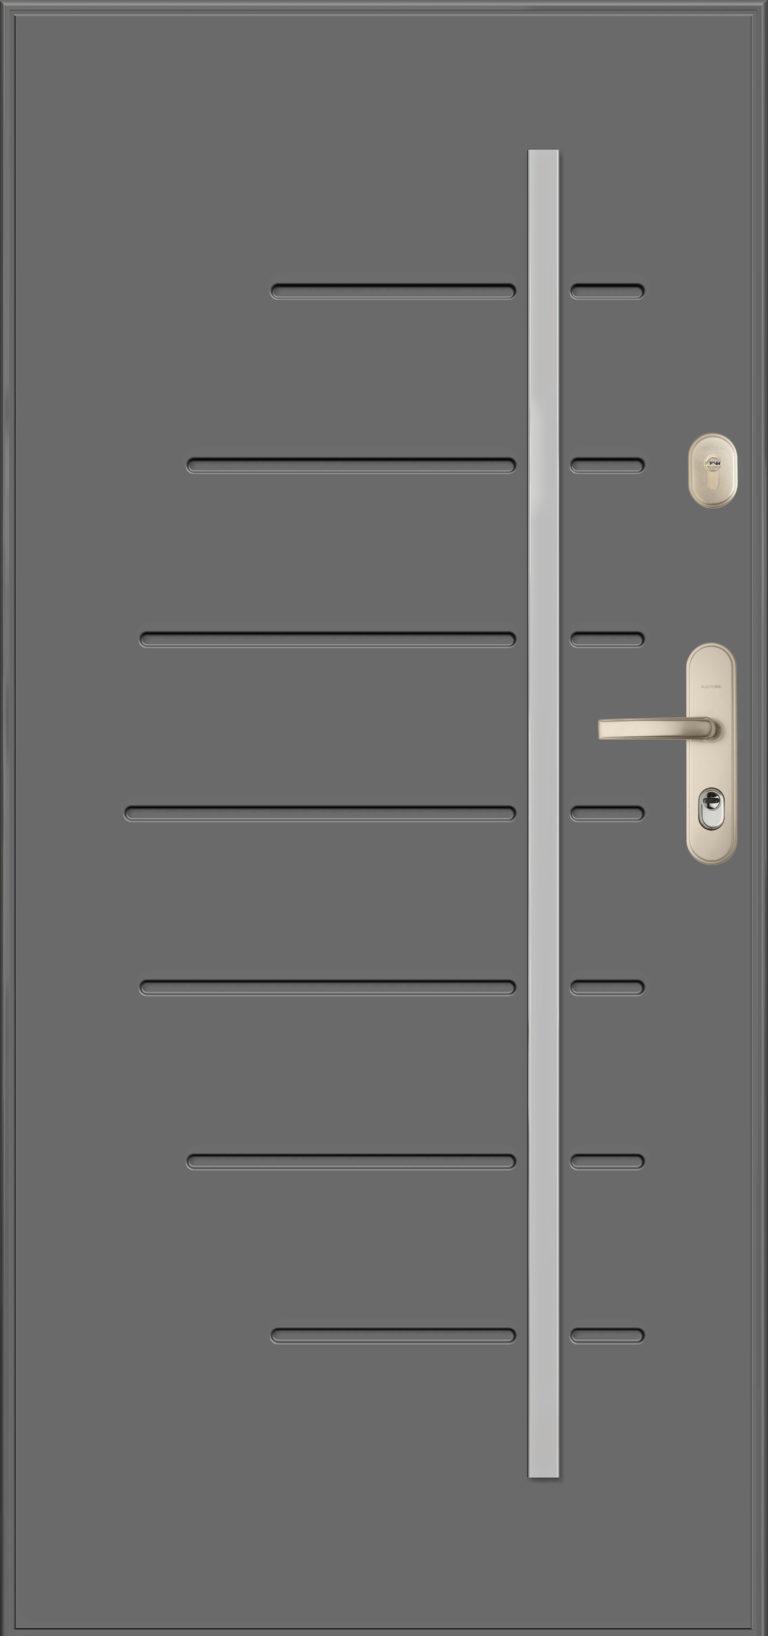 Gerda wzór PLS HEL, antywłamaniowe klasy RC3 (wersja CX20), kolor szary